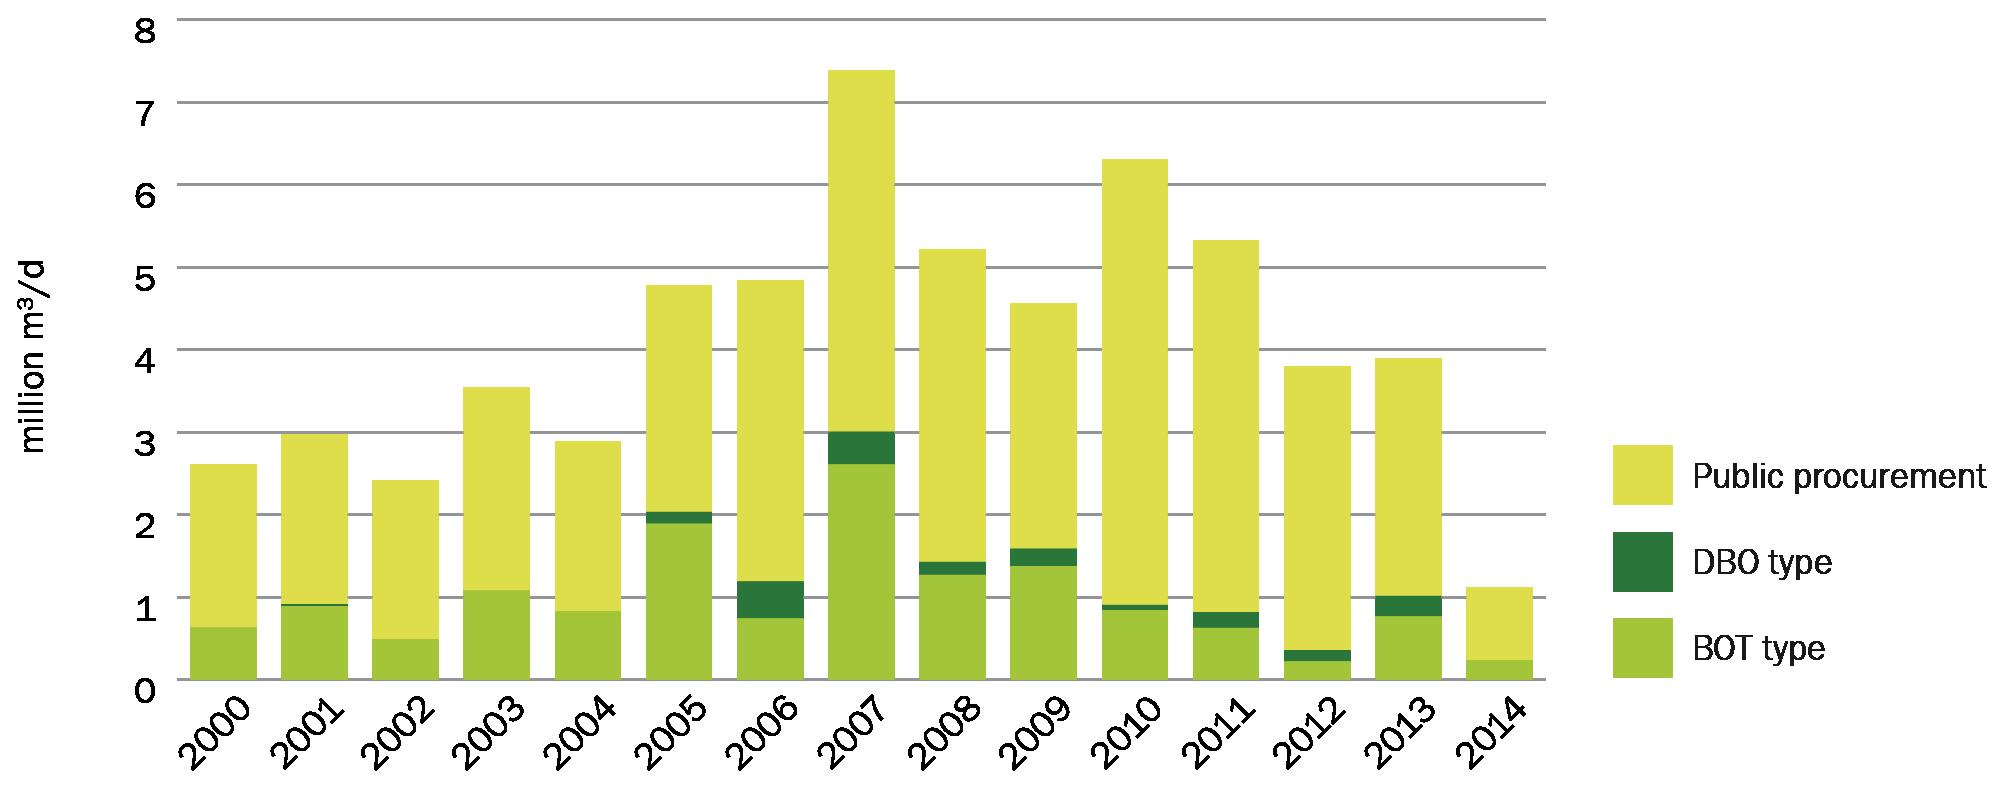 Ppp asset procurement of desal capacity since 2000